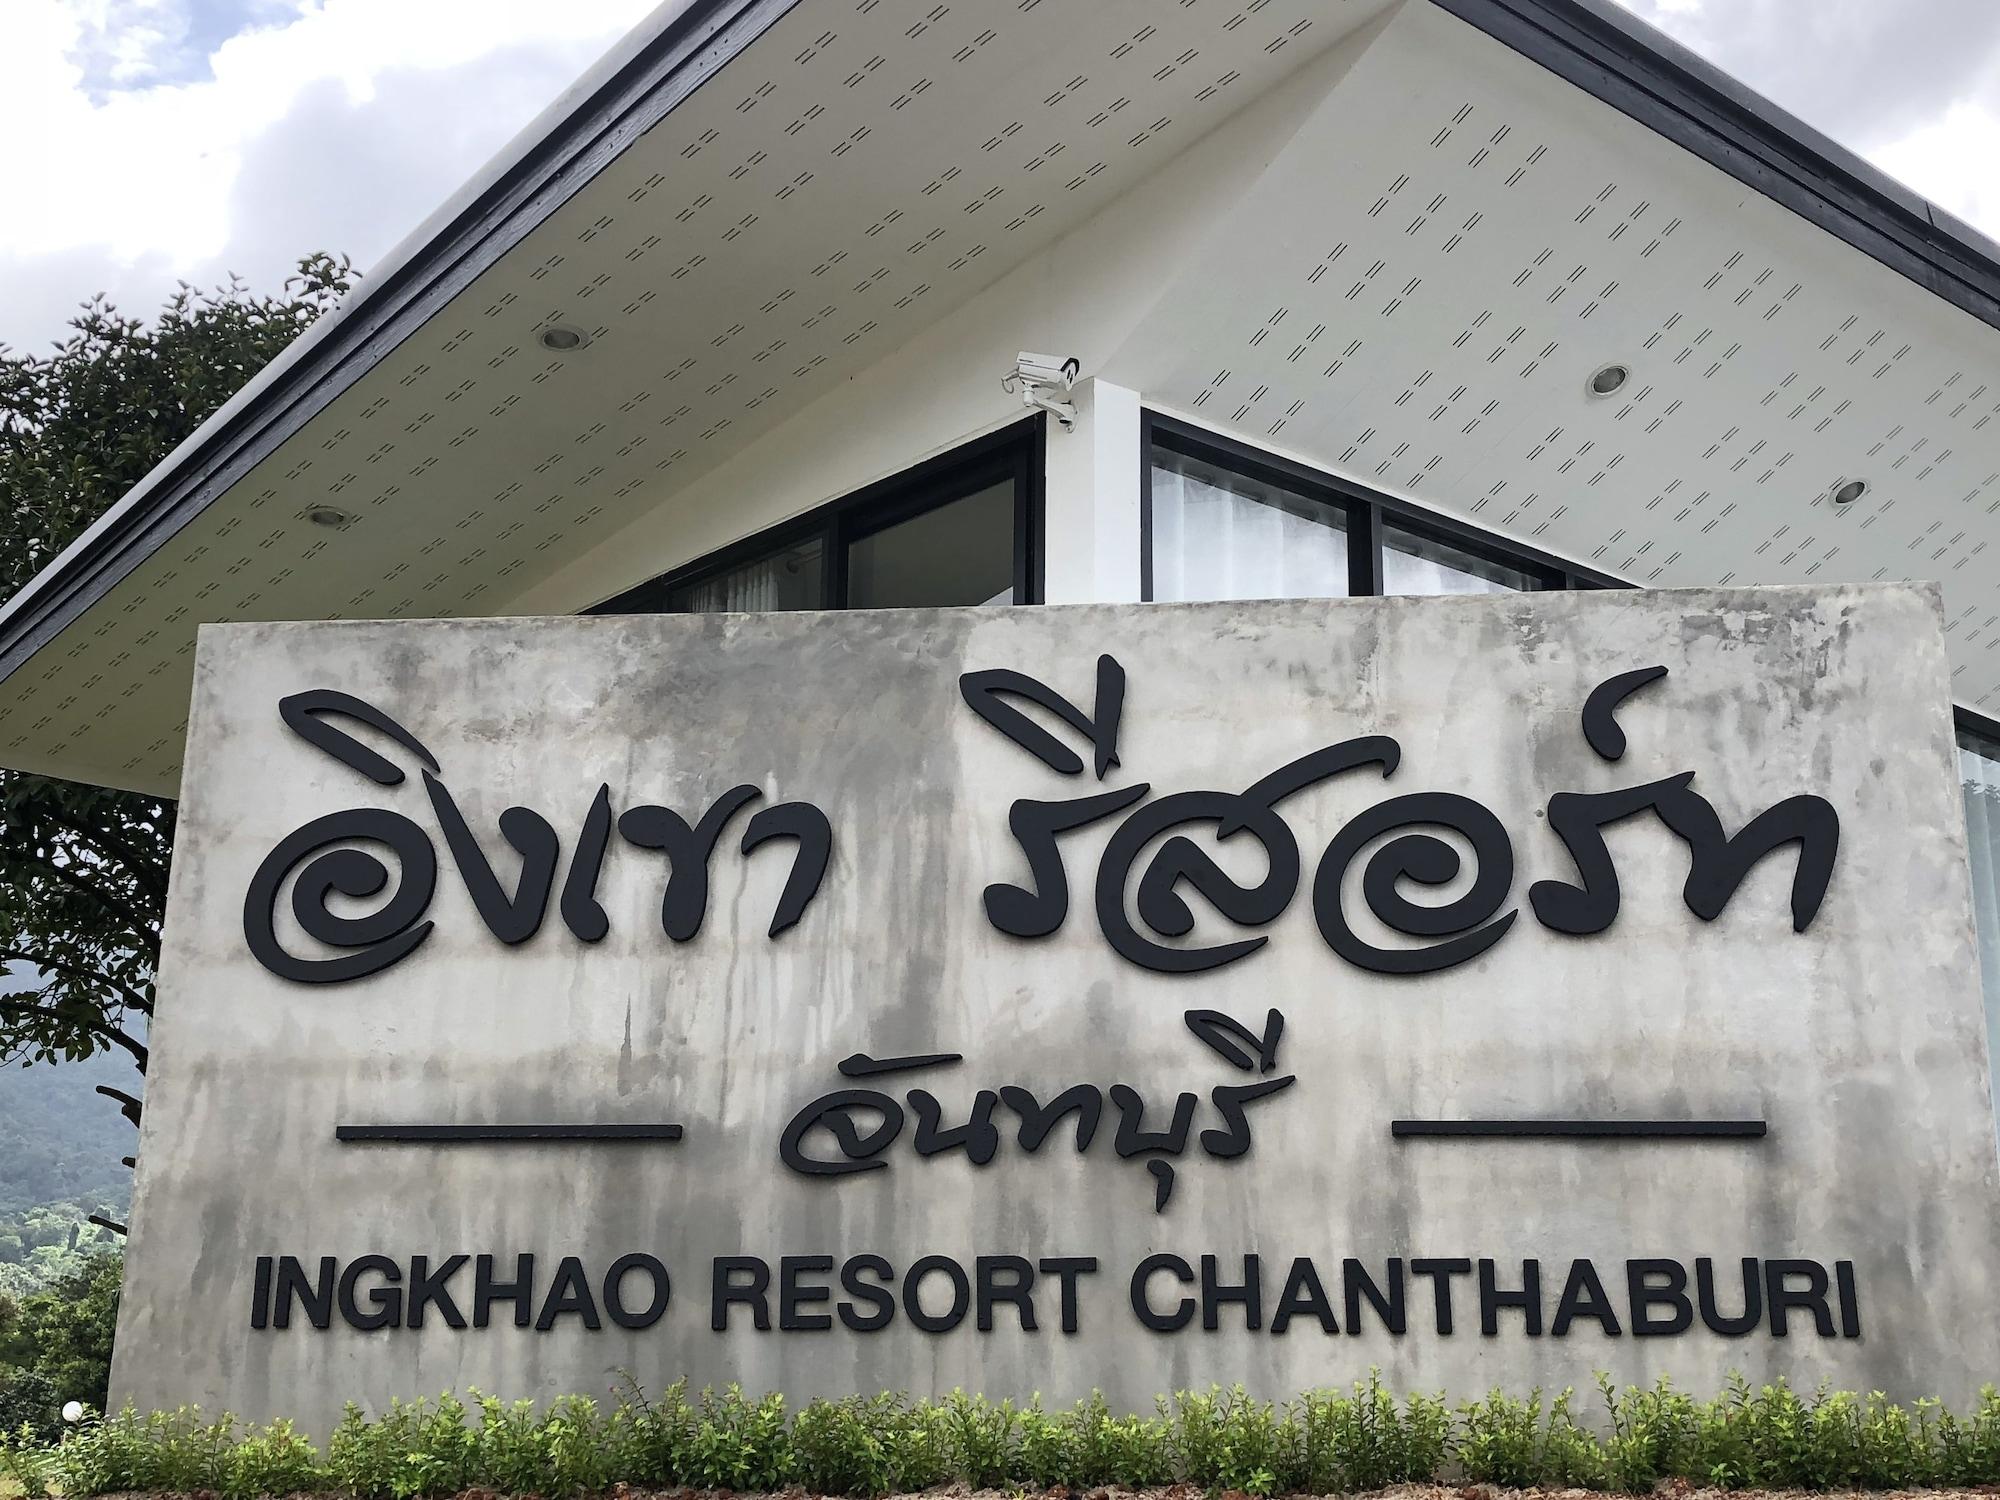 Ingkhaoresortchanthaburi, Muang Chanthaburi